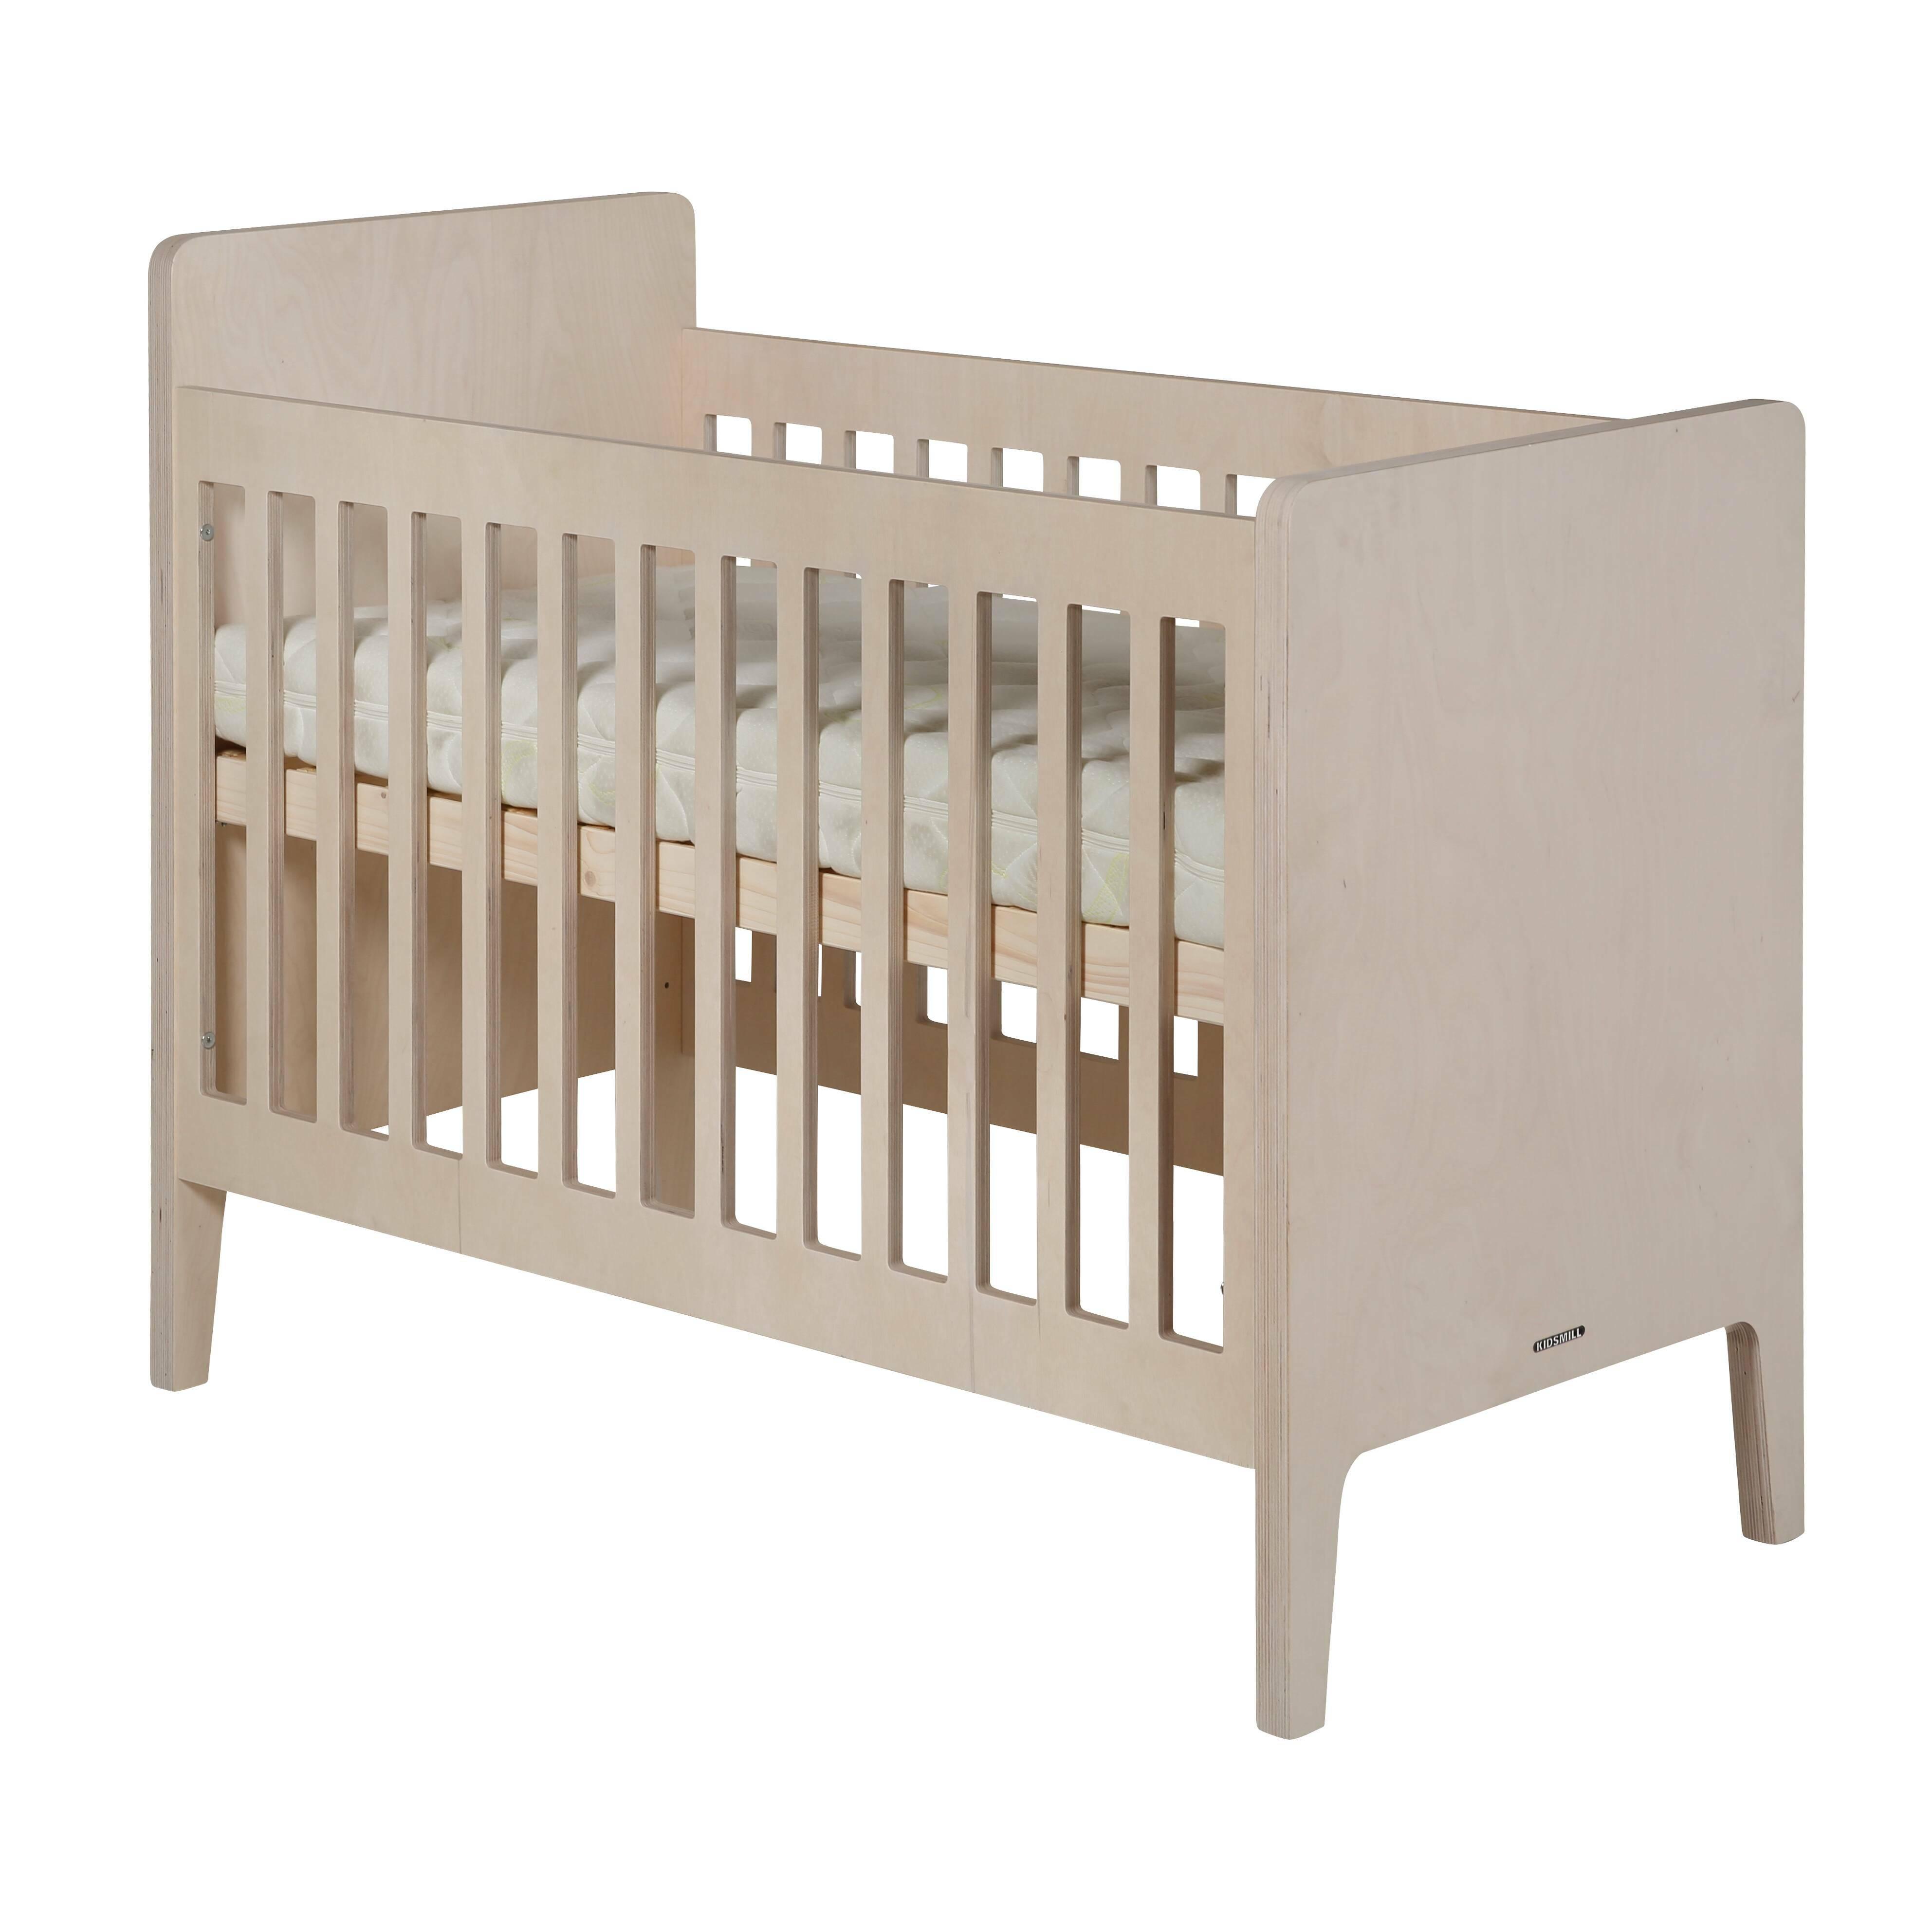 Детская кровать Fay, 60х120Мебель для детей<br><br><br>stock: 0<br>Высота: 102<br>Ширина: 64<br>Длина: 126<br>Материал каркаса: Фанера<br>Цвет каркаса: Светло-коричневый